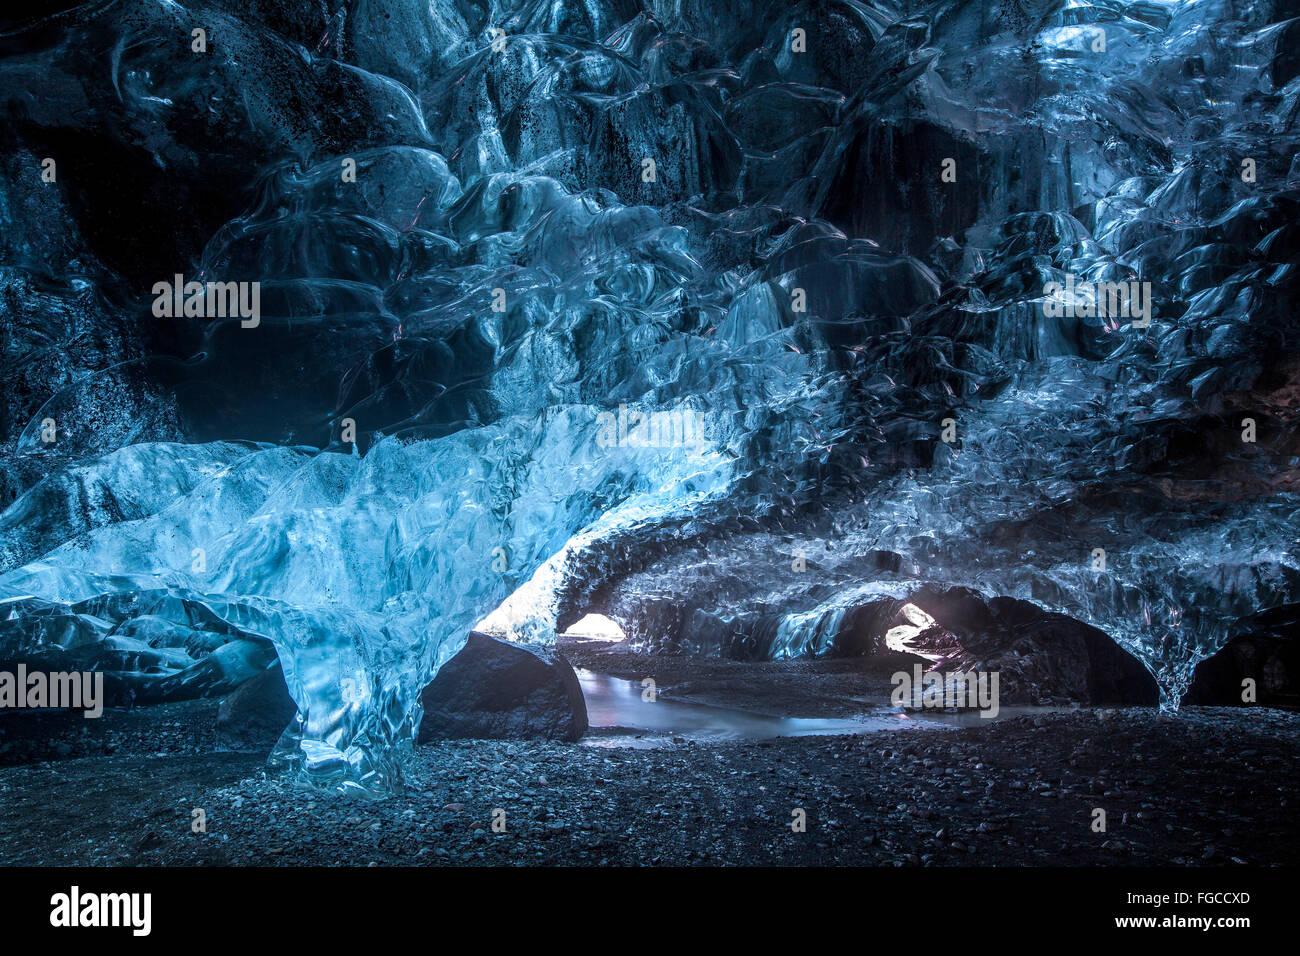 La caverne de glace sous le Vatnajökull, Région du Sud, Islande Banque D'Images